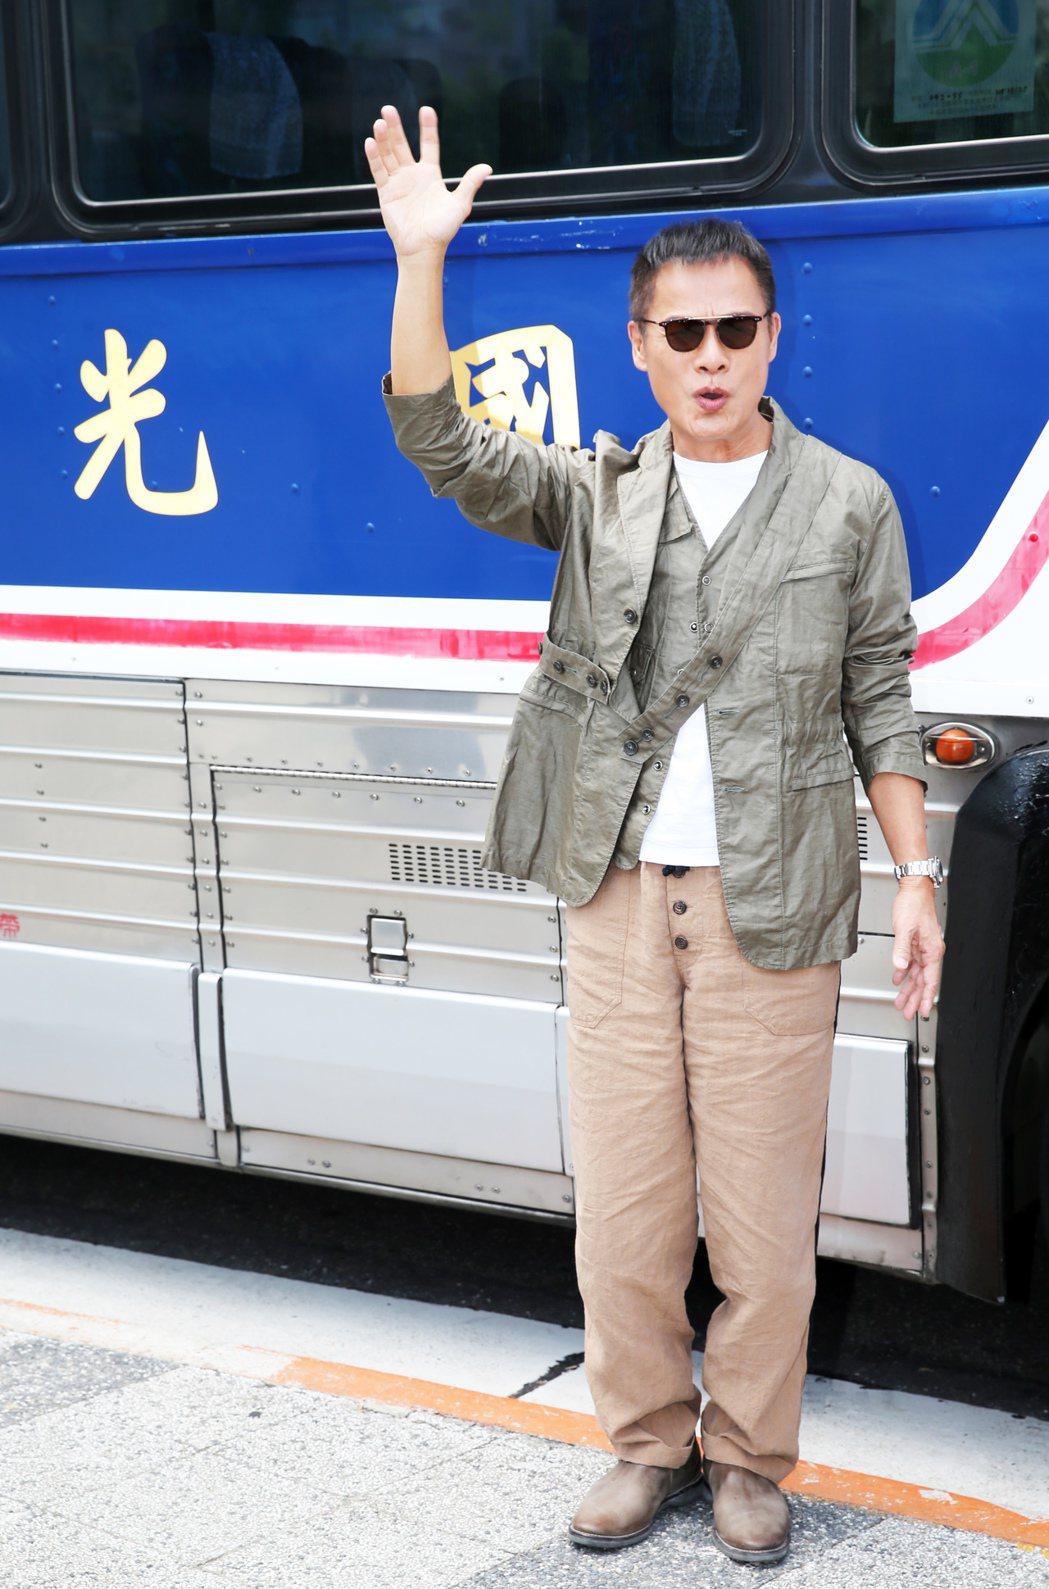 羅大佑搭乘國光號巴士來到記者會場,象徵遊子歸鄉。記者徐兆玄/攝影